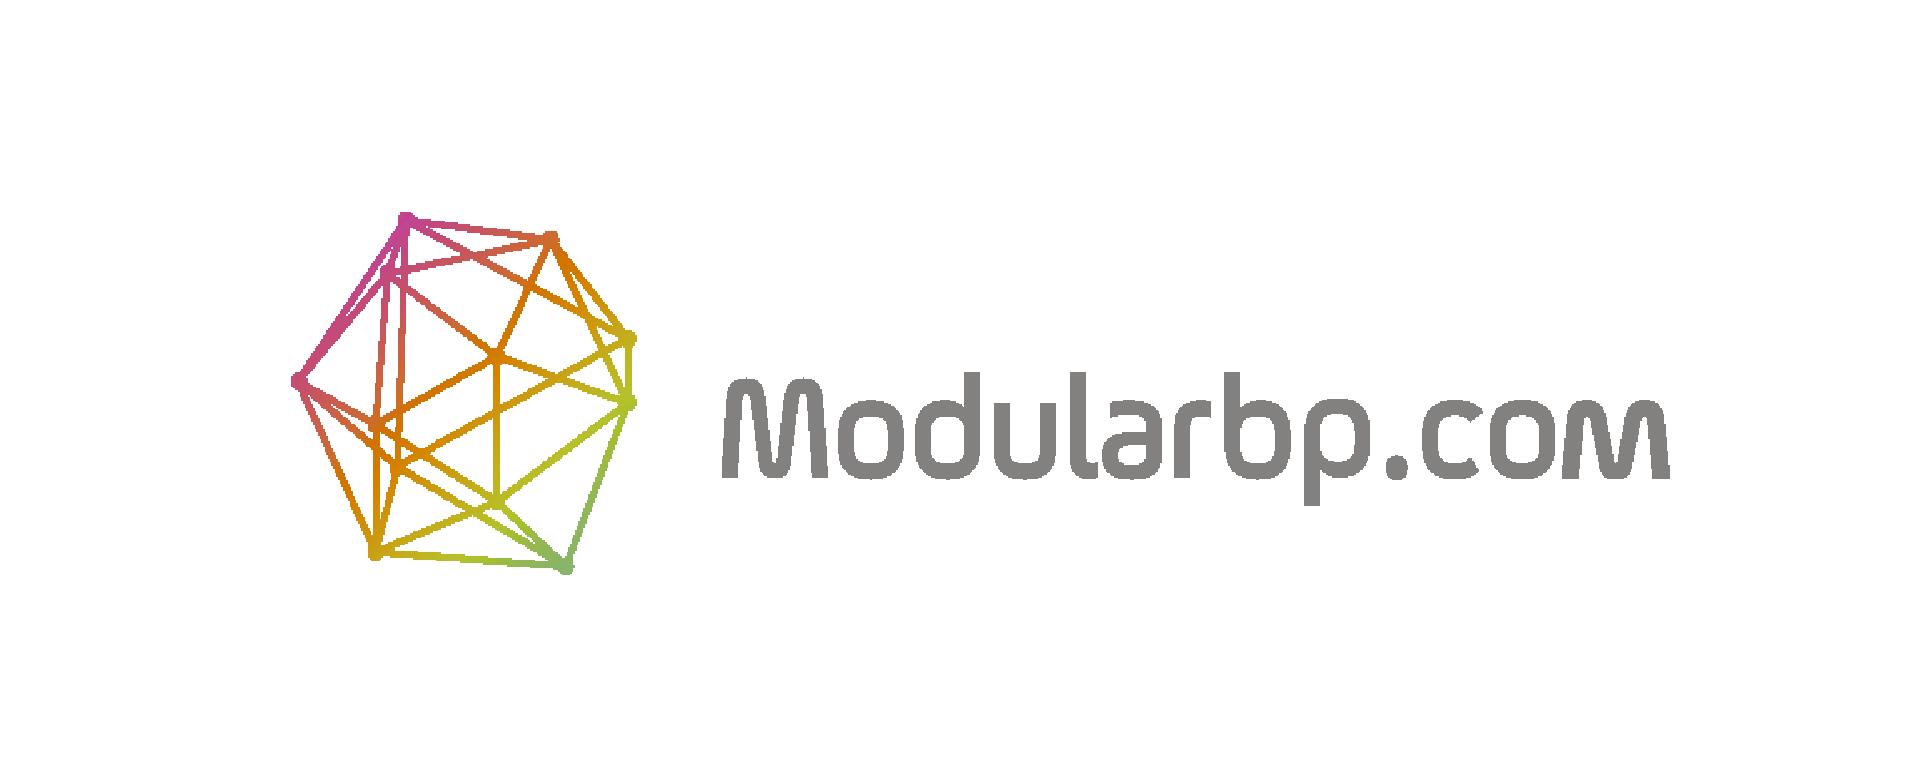 MODULAR BP